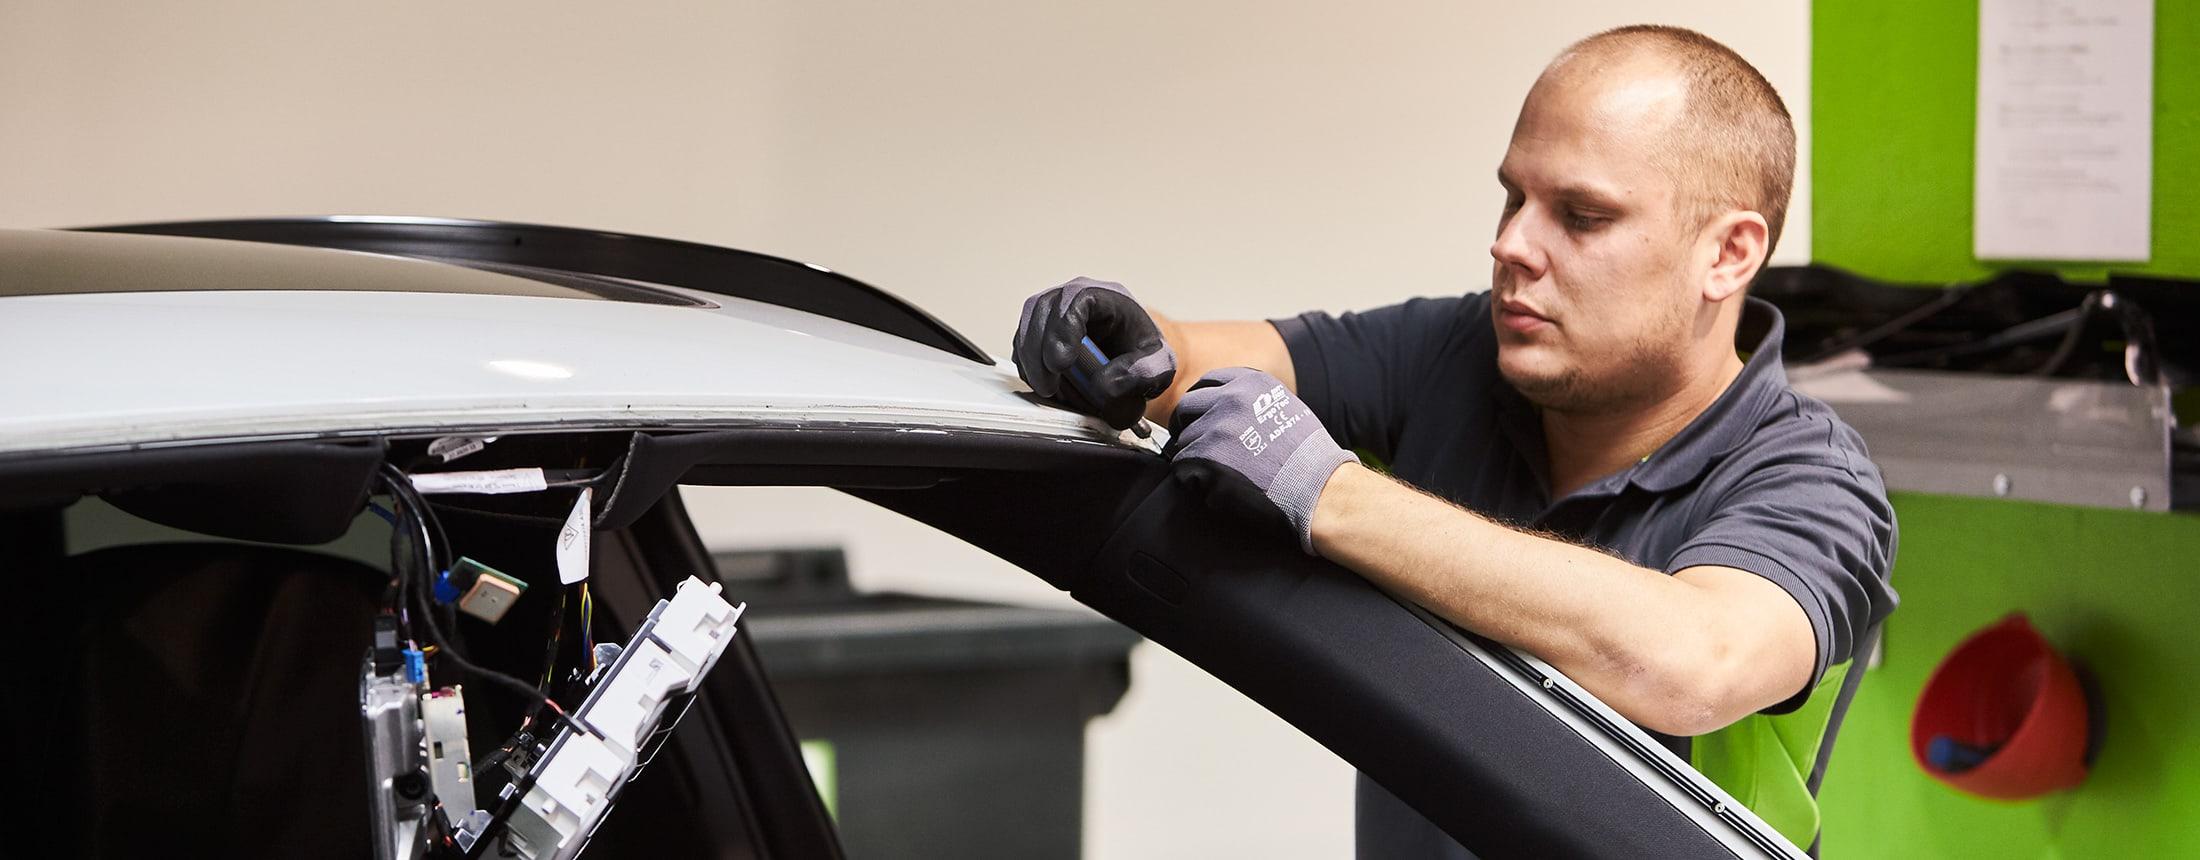 Reparation av bil